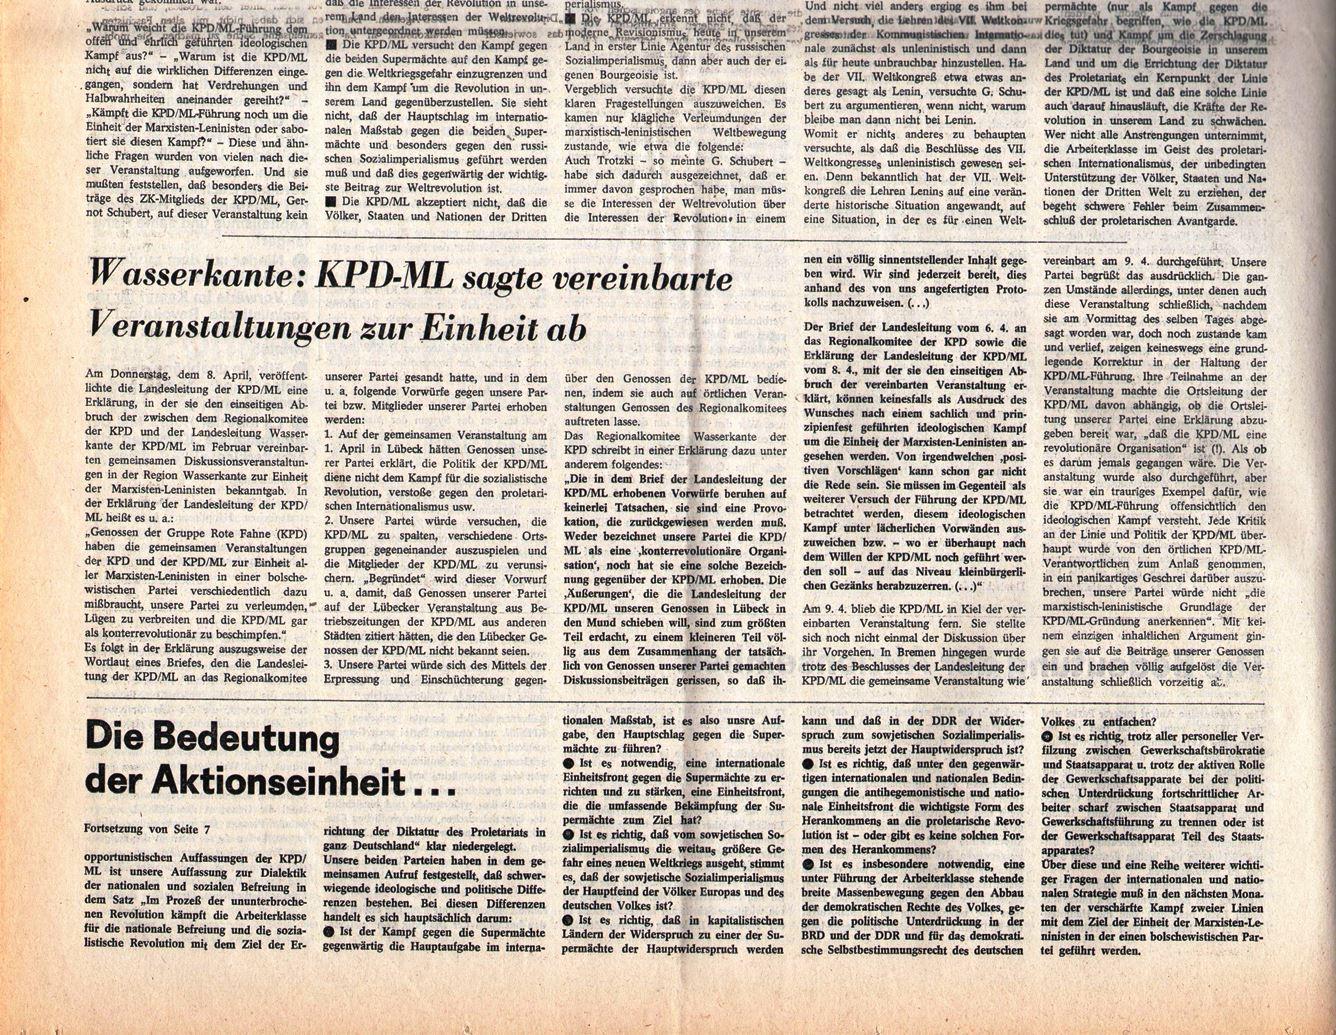 KPD_Rote_Fahne_1976_15_16